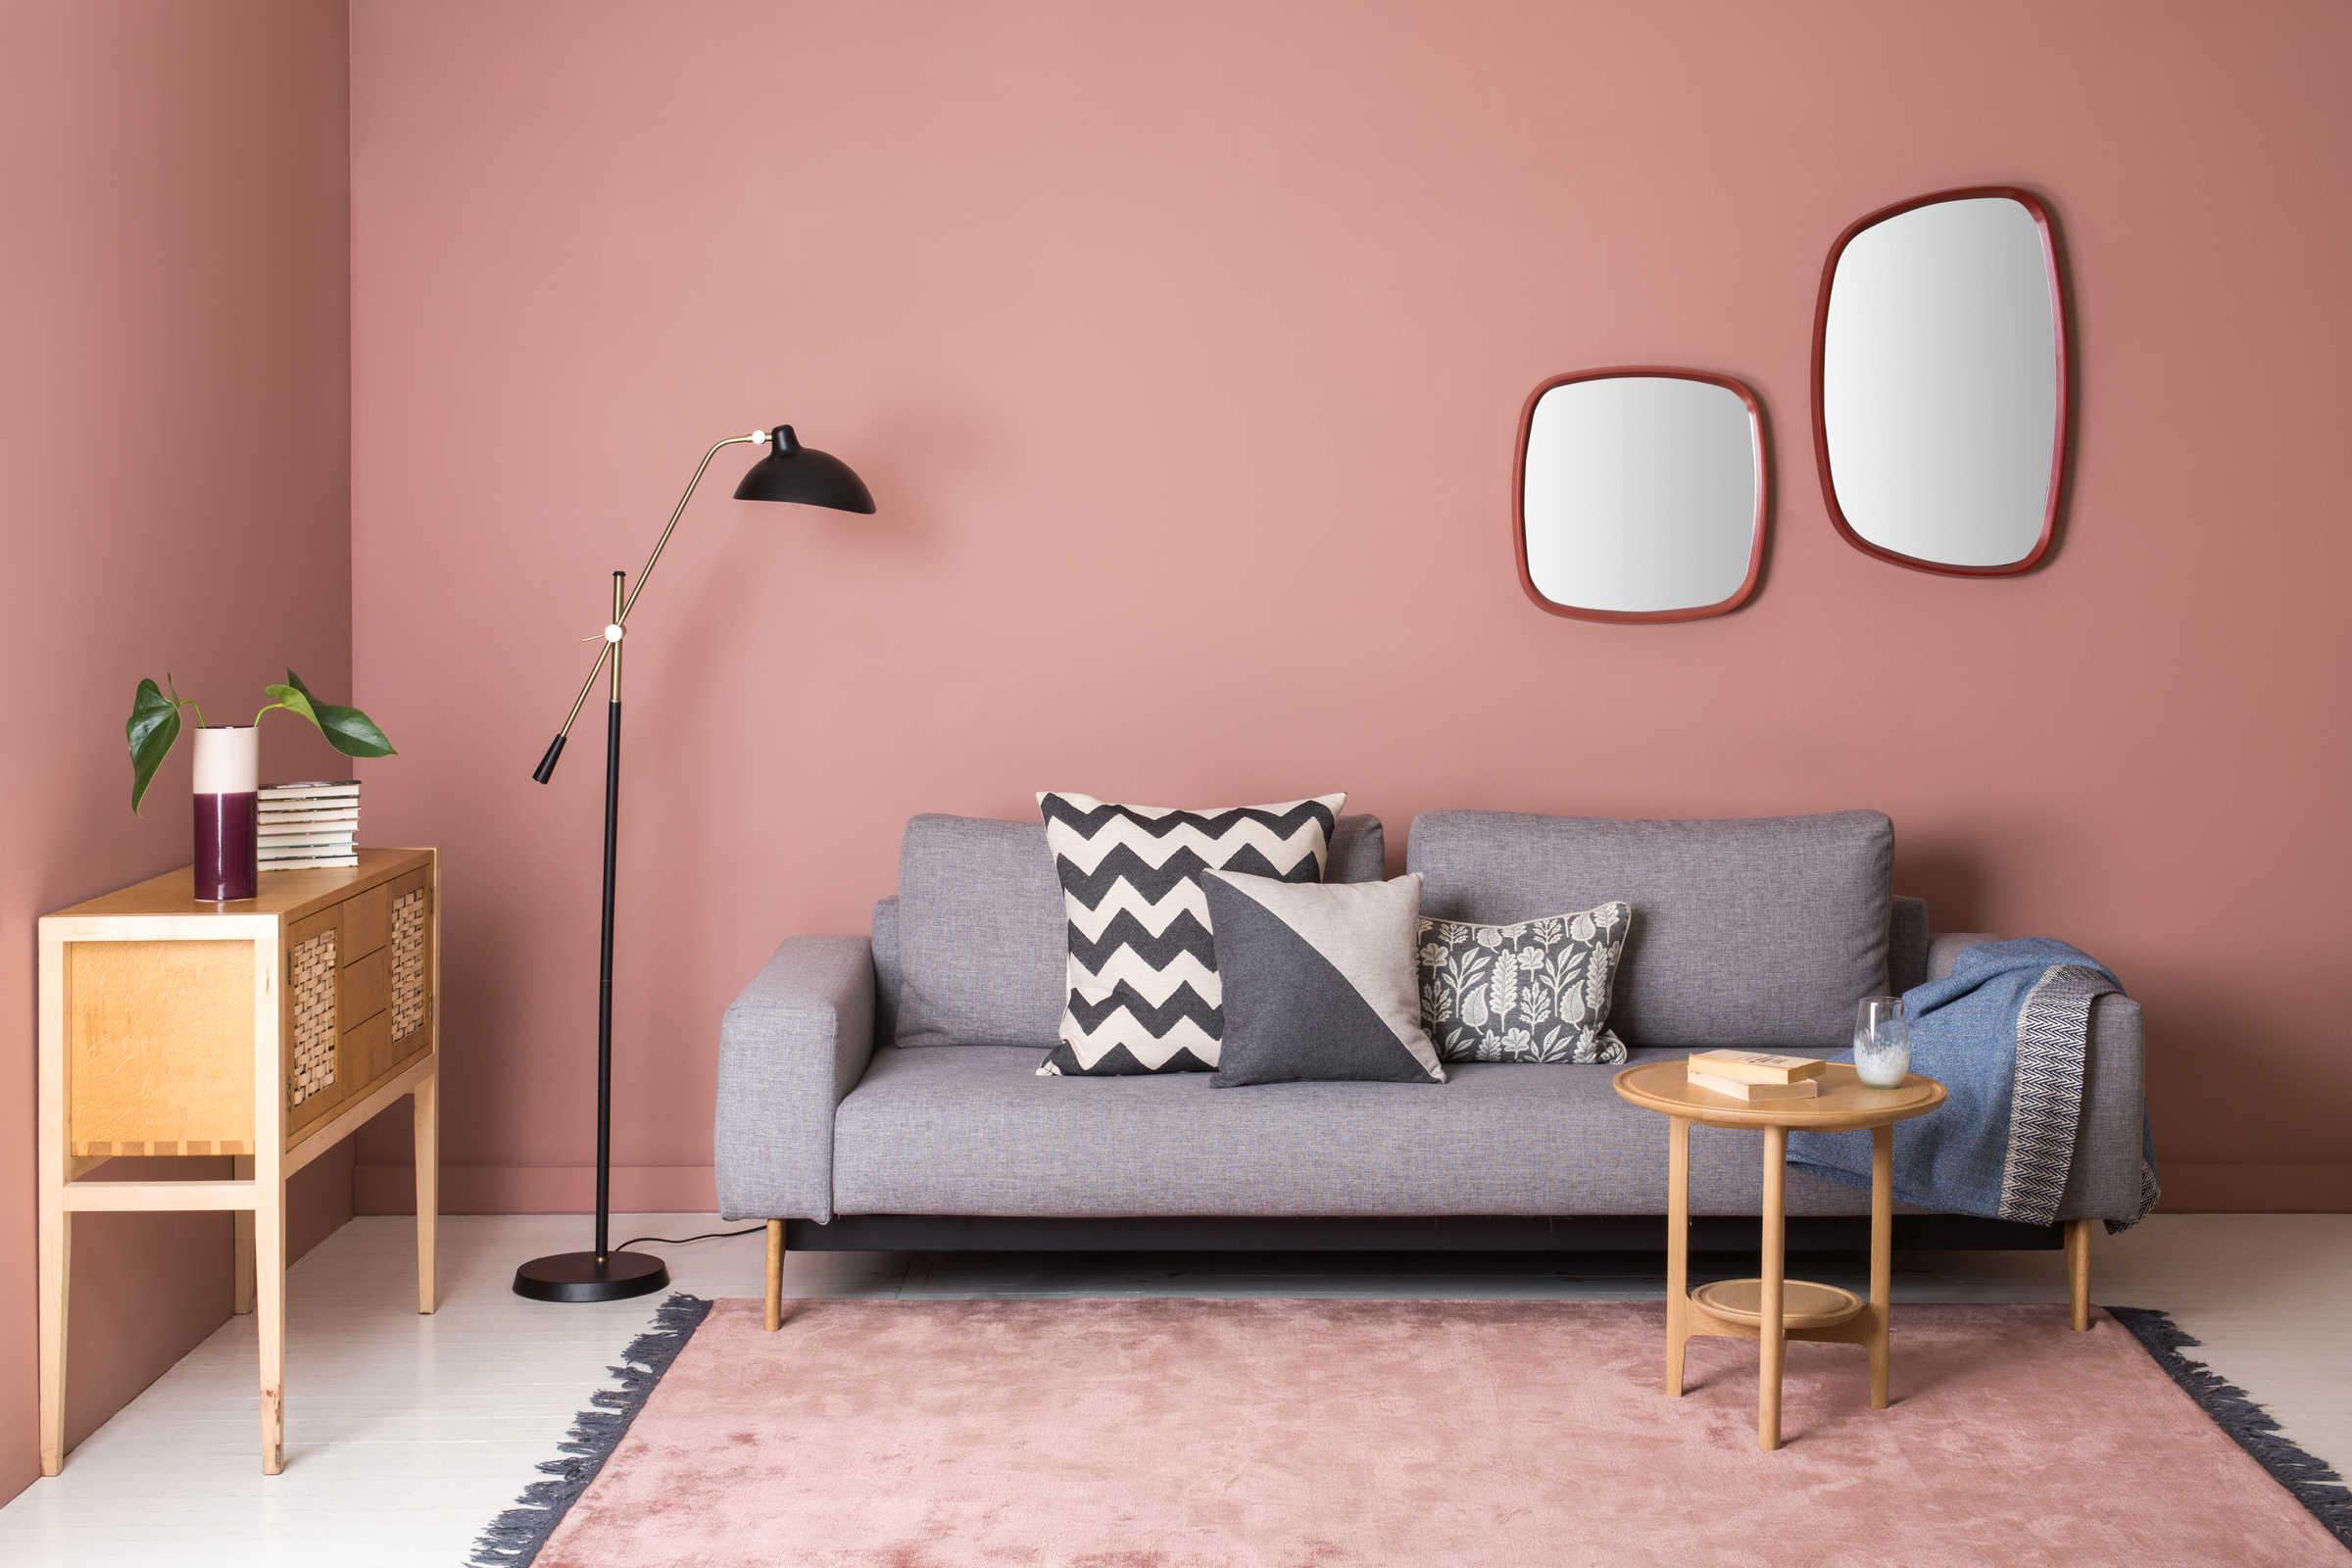 Full Size of Wandfarbe Rosa Weiblichkeit Im Interieur Durch Altrosa Ausdrcken Küche Wohnzimmer Wandfarbe Rosa